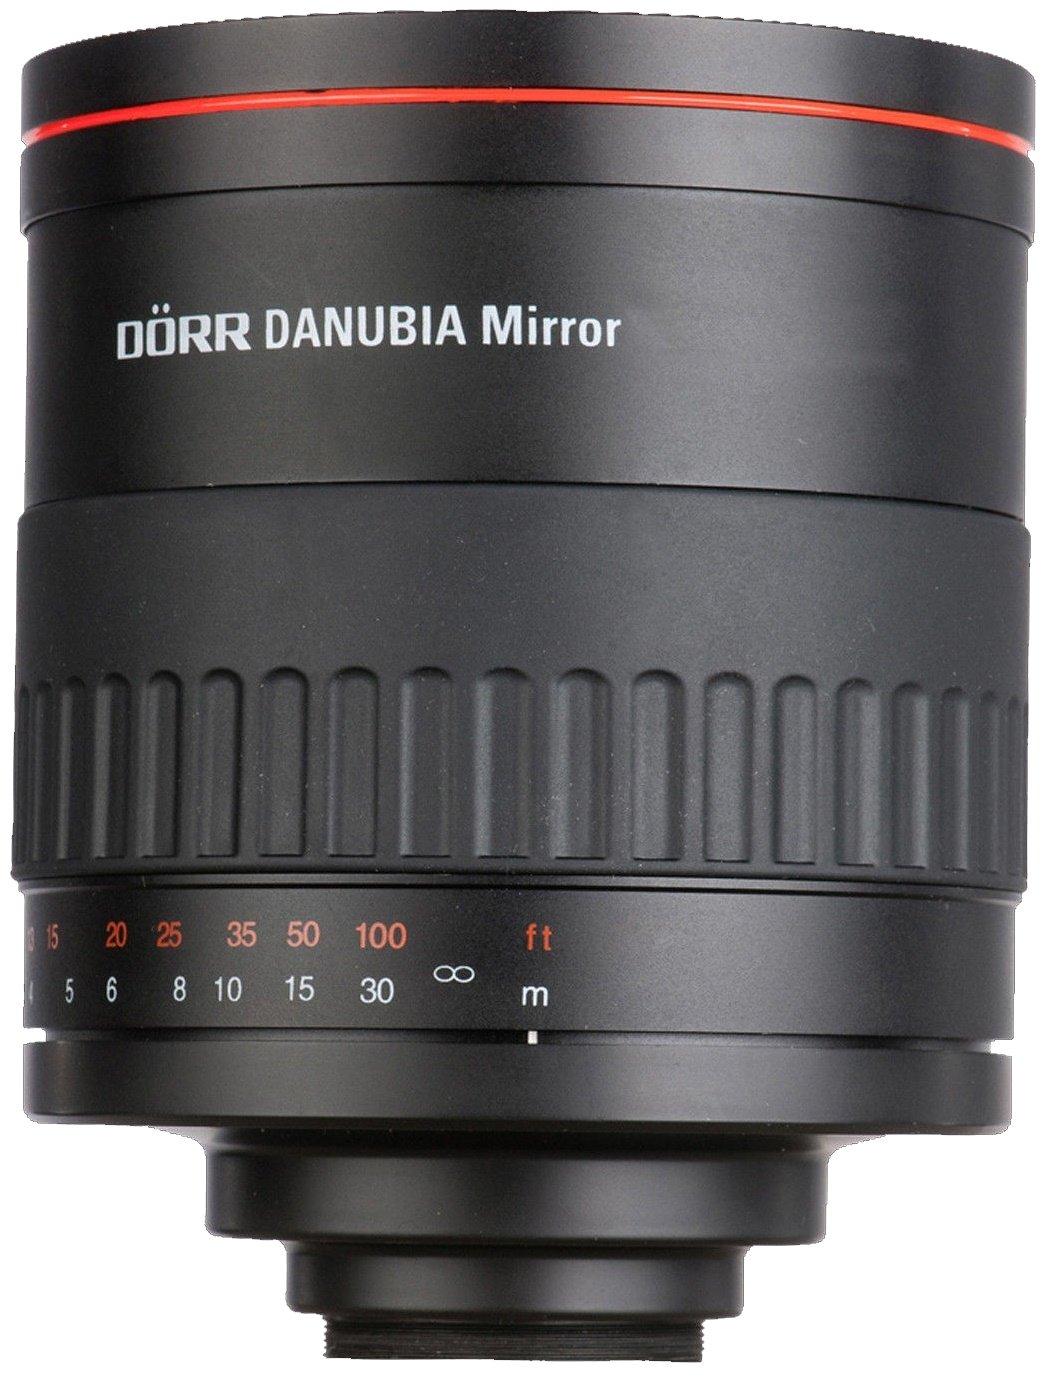 DORR DANUBIA 500 mm f/6,3 Mirror MC pro Pentax